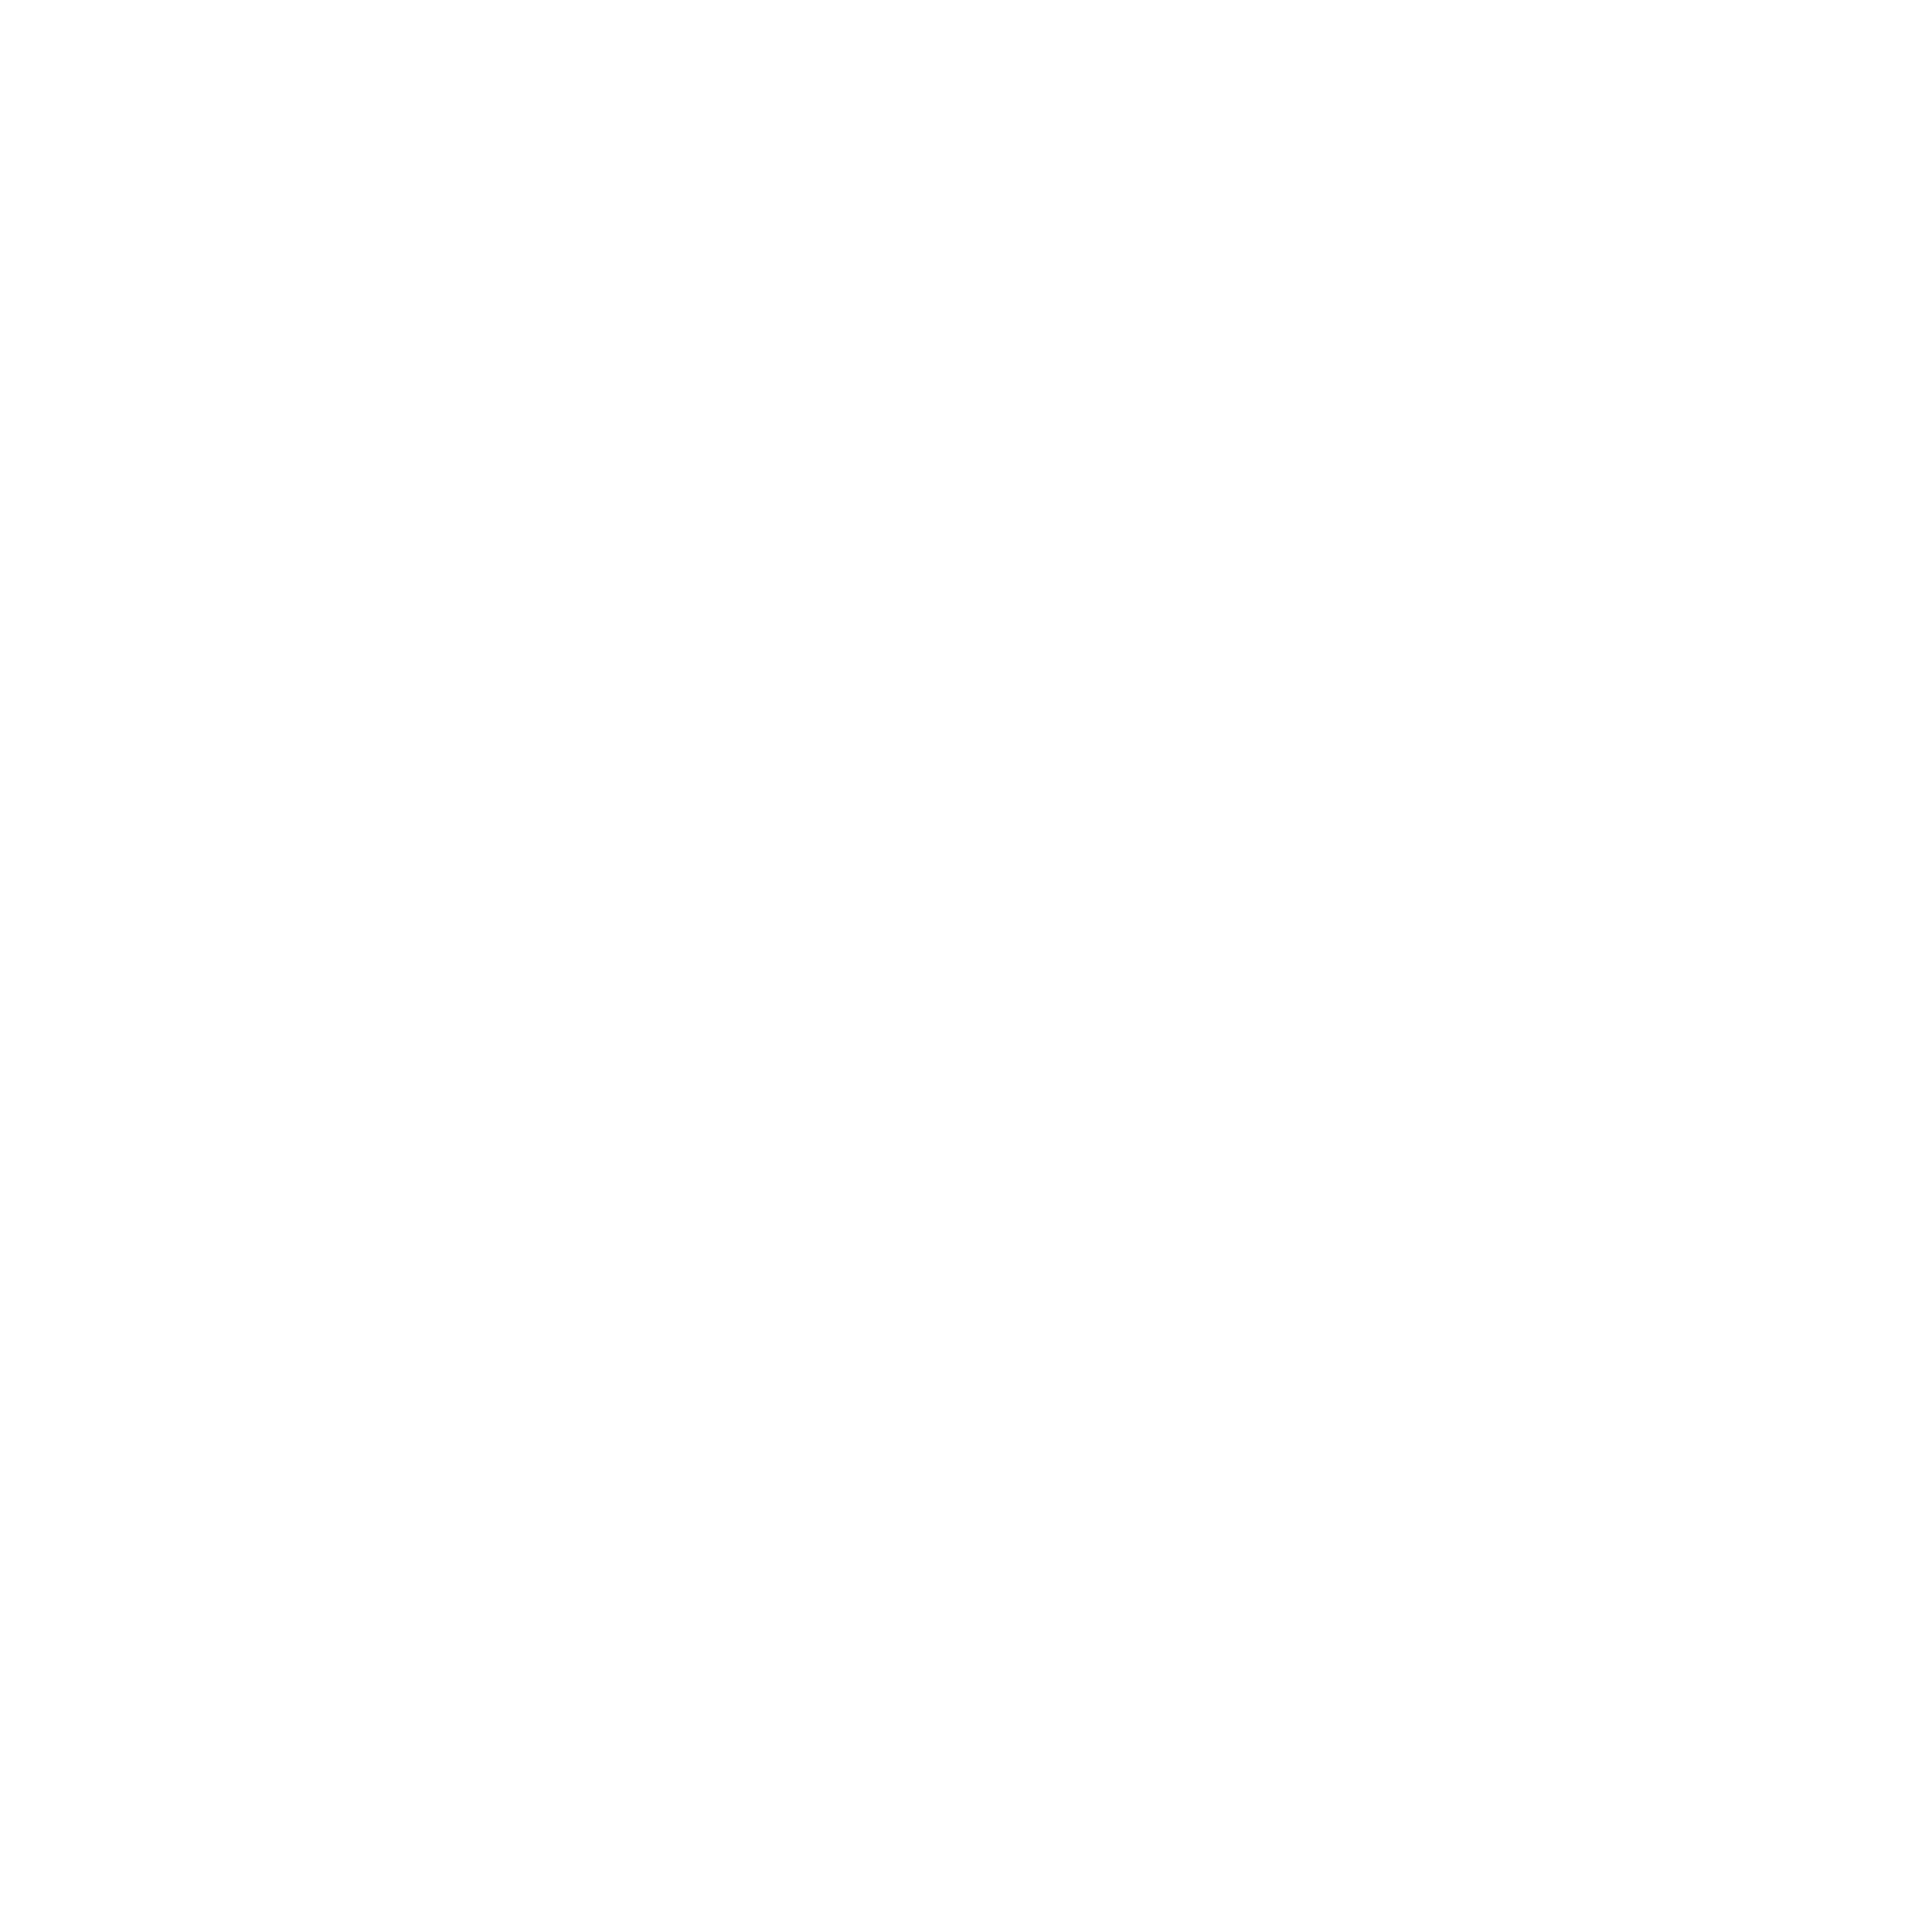 Logo di coda del treno